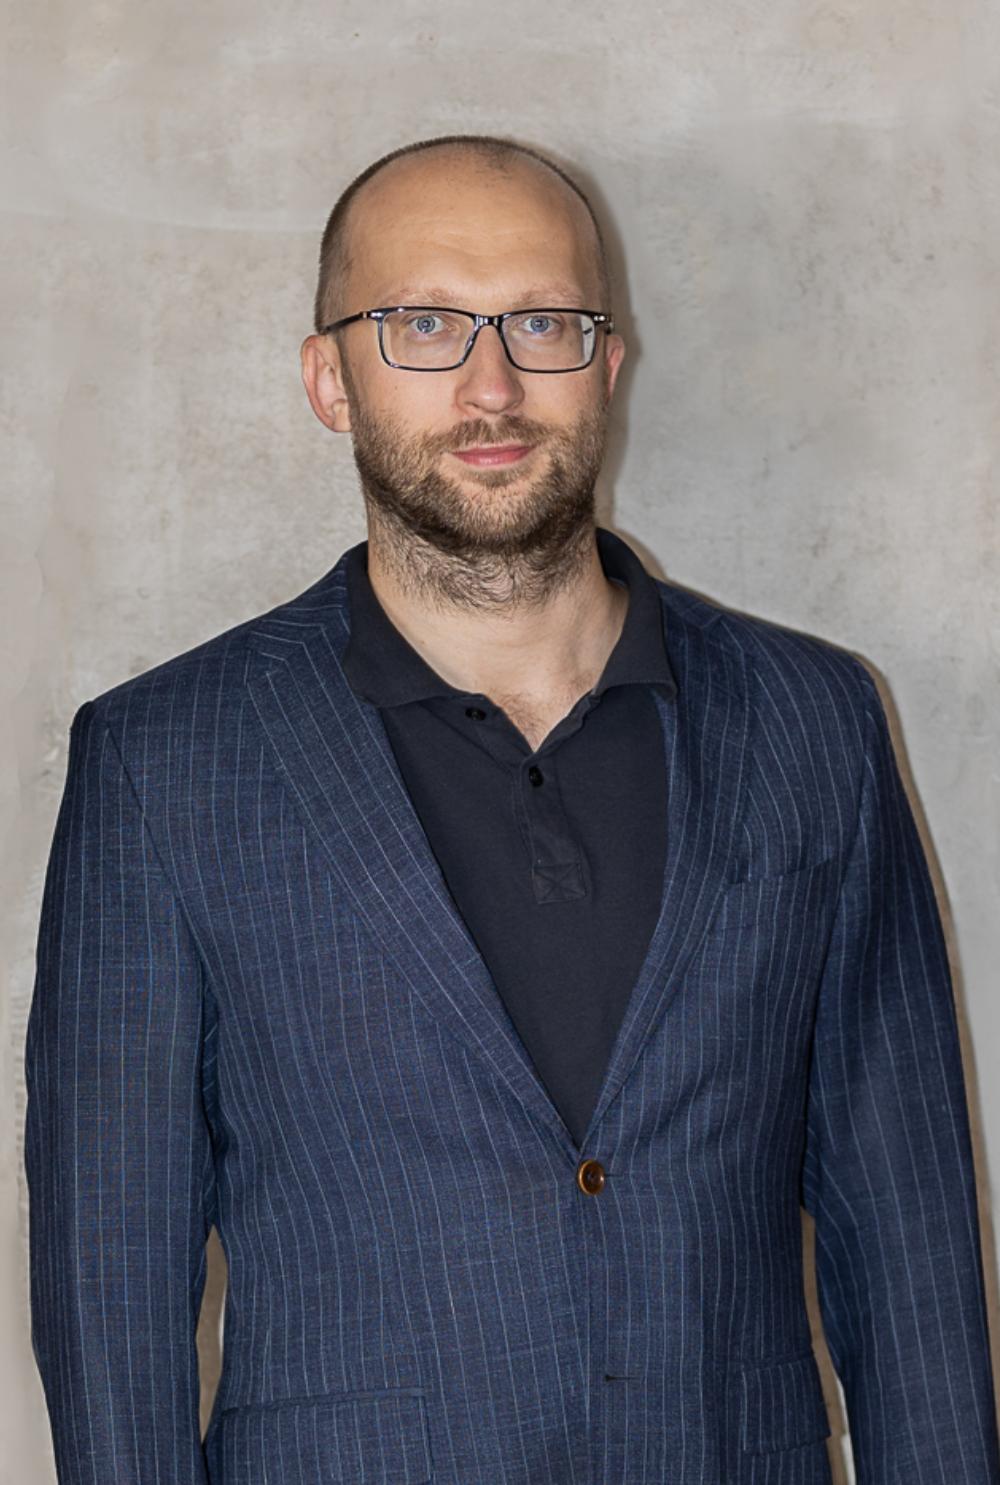 Mykhail Galushko